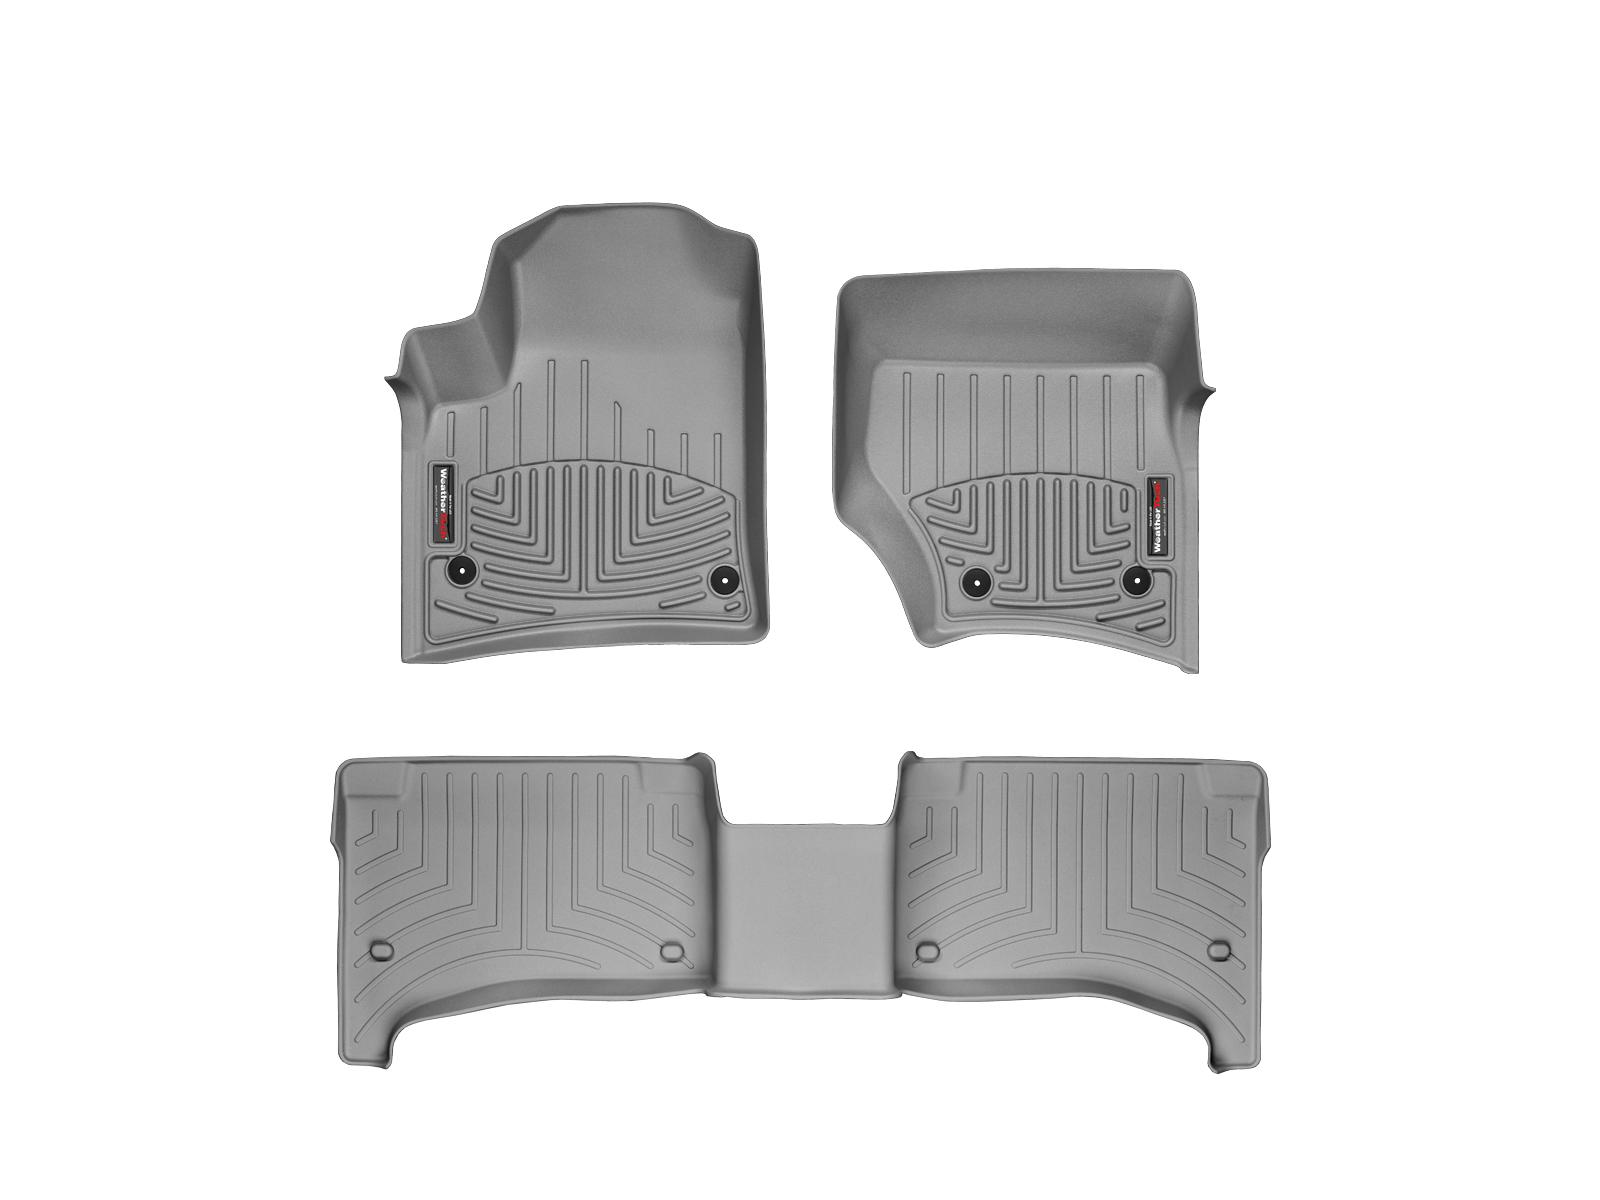 Tappeti gomma su misura bordo alto Volkswagen Touareg 07>08 Grigio A4289*